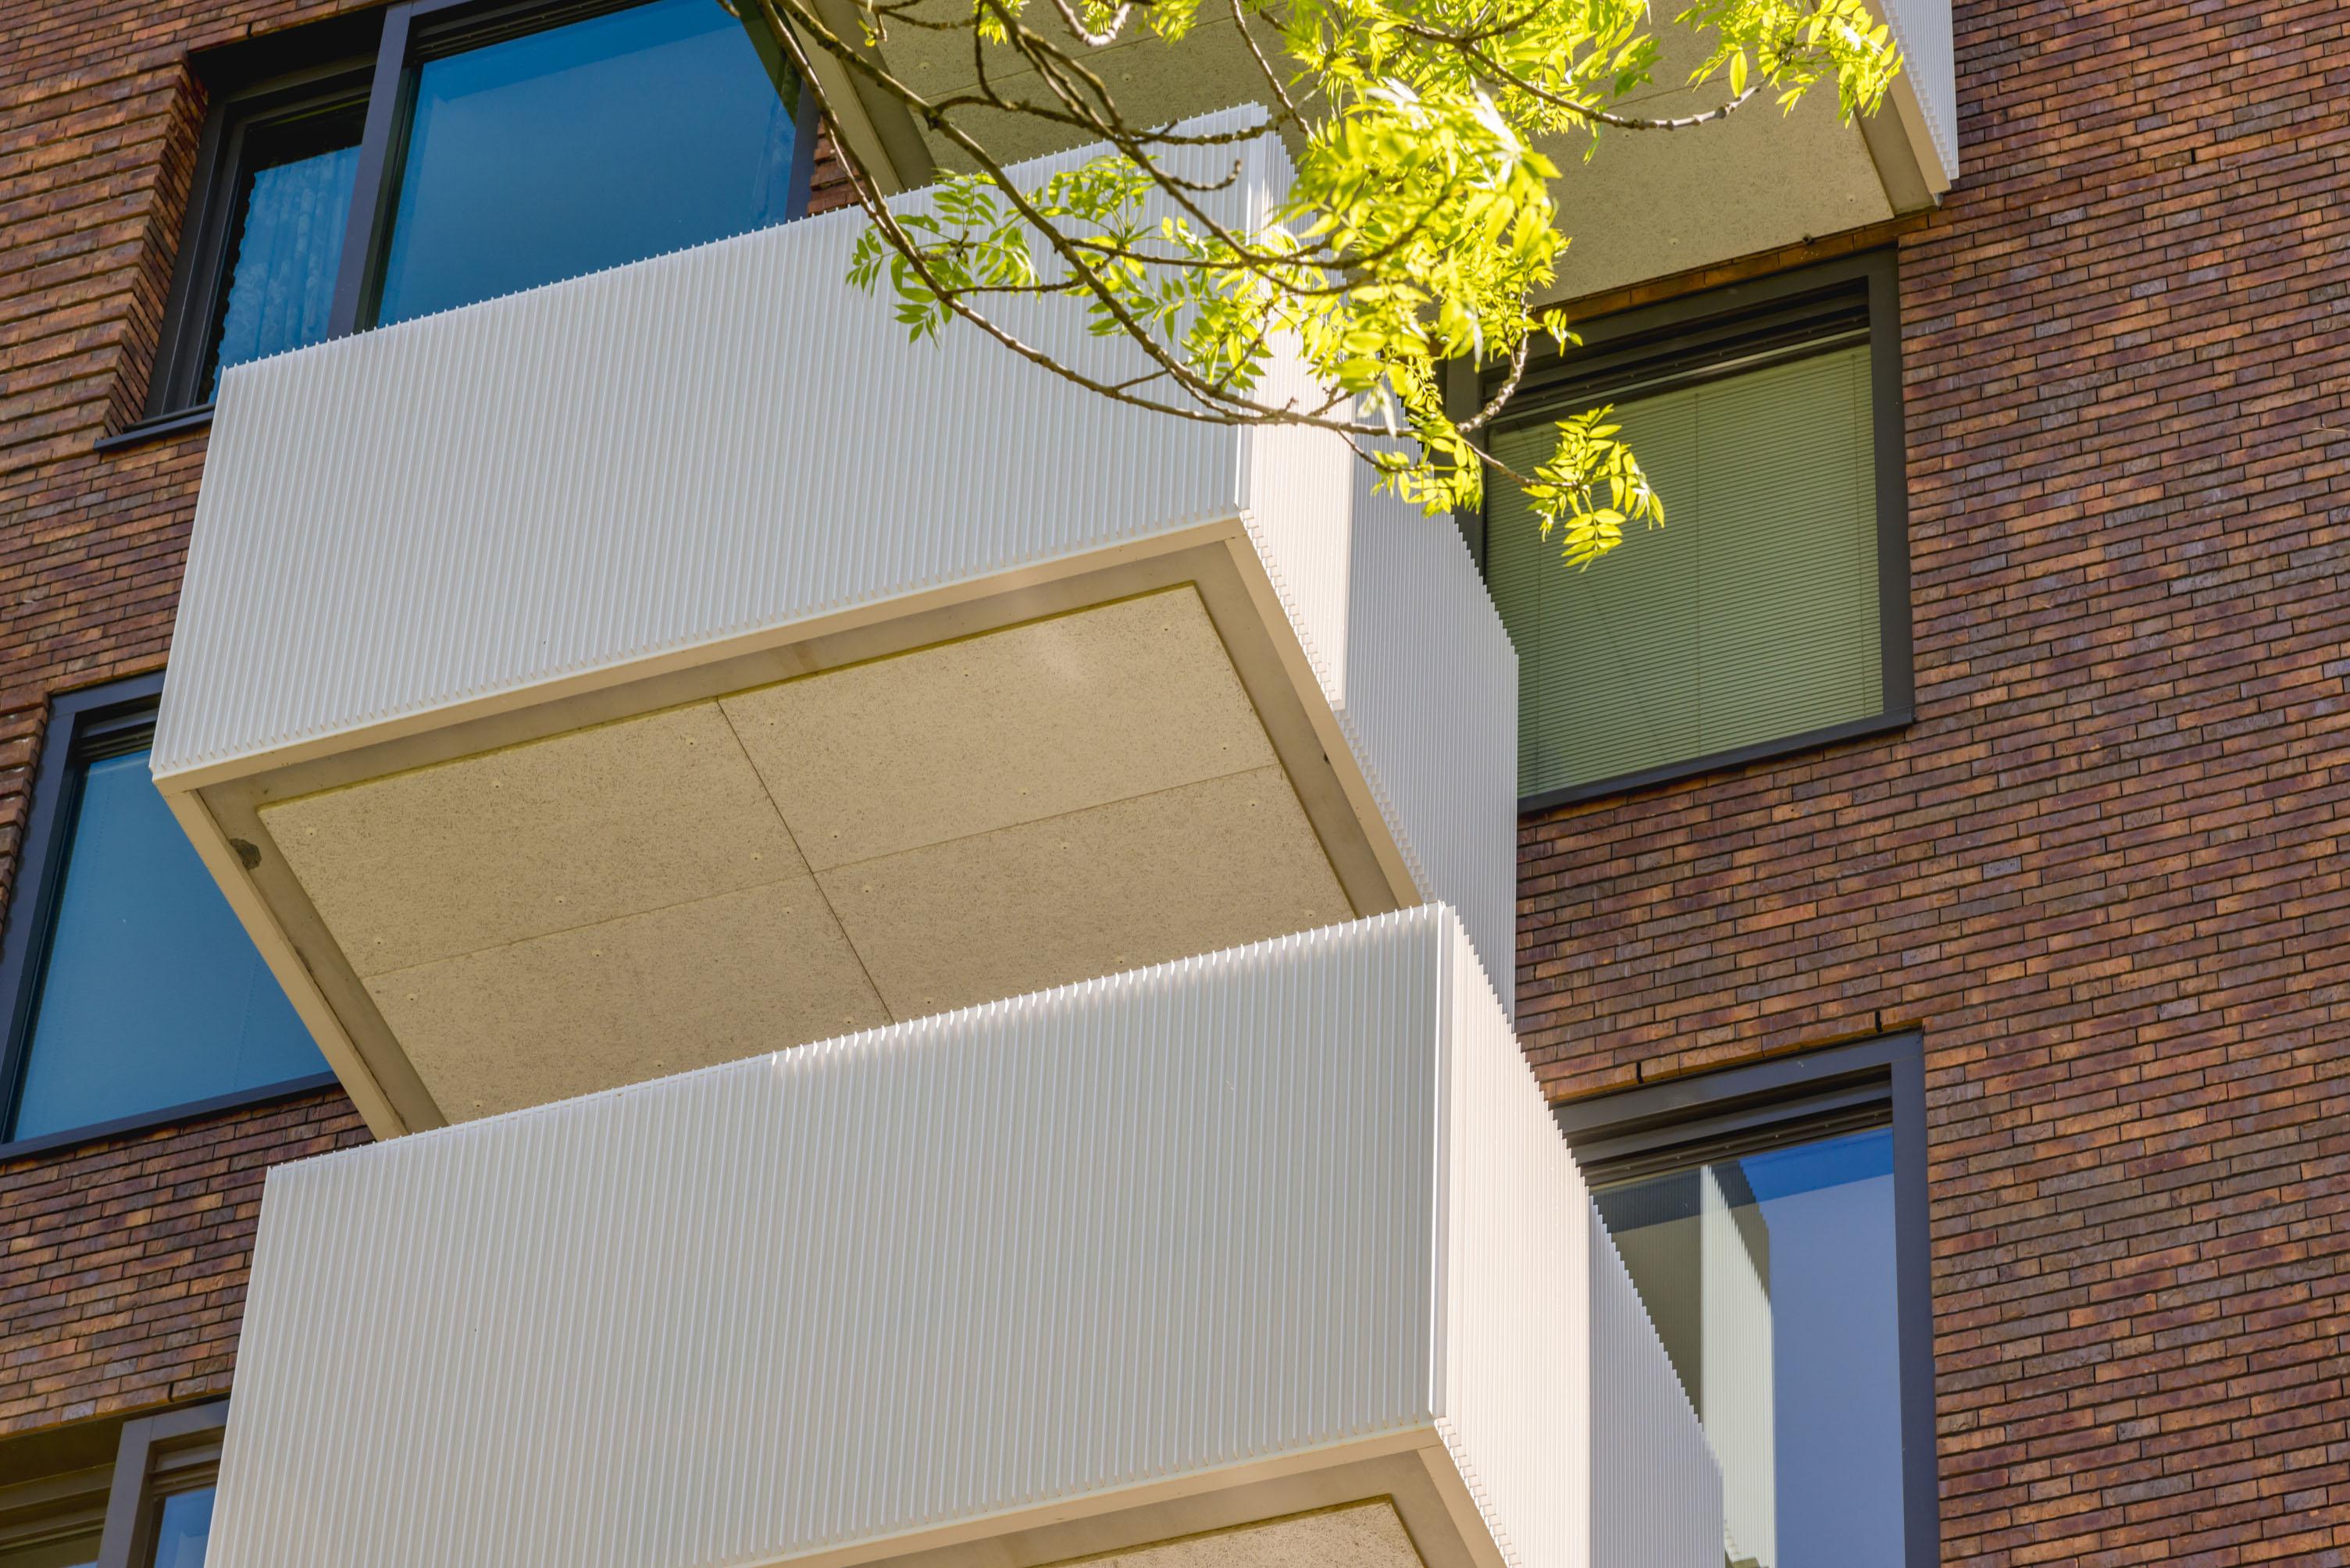 <p>Woon- en zorgcomplex Klaasje Zevenster in Amstelveen / foto: Fedde de Weert</p>